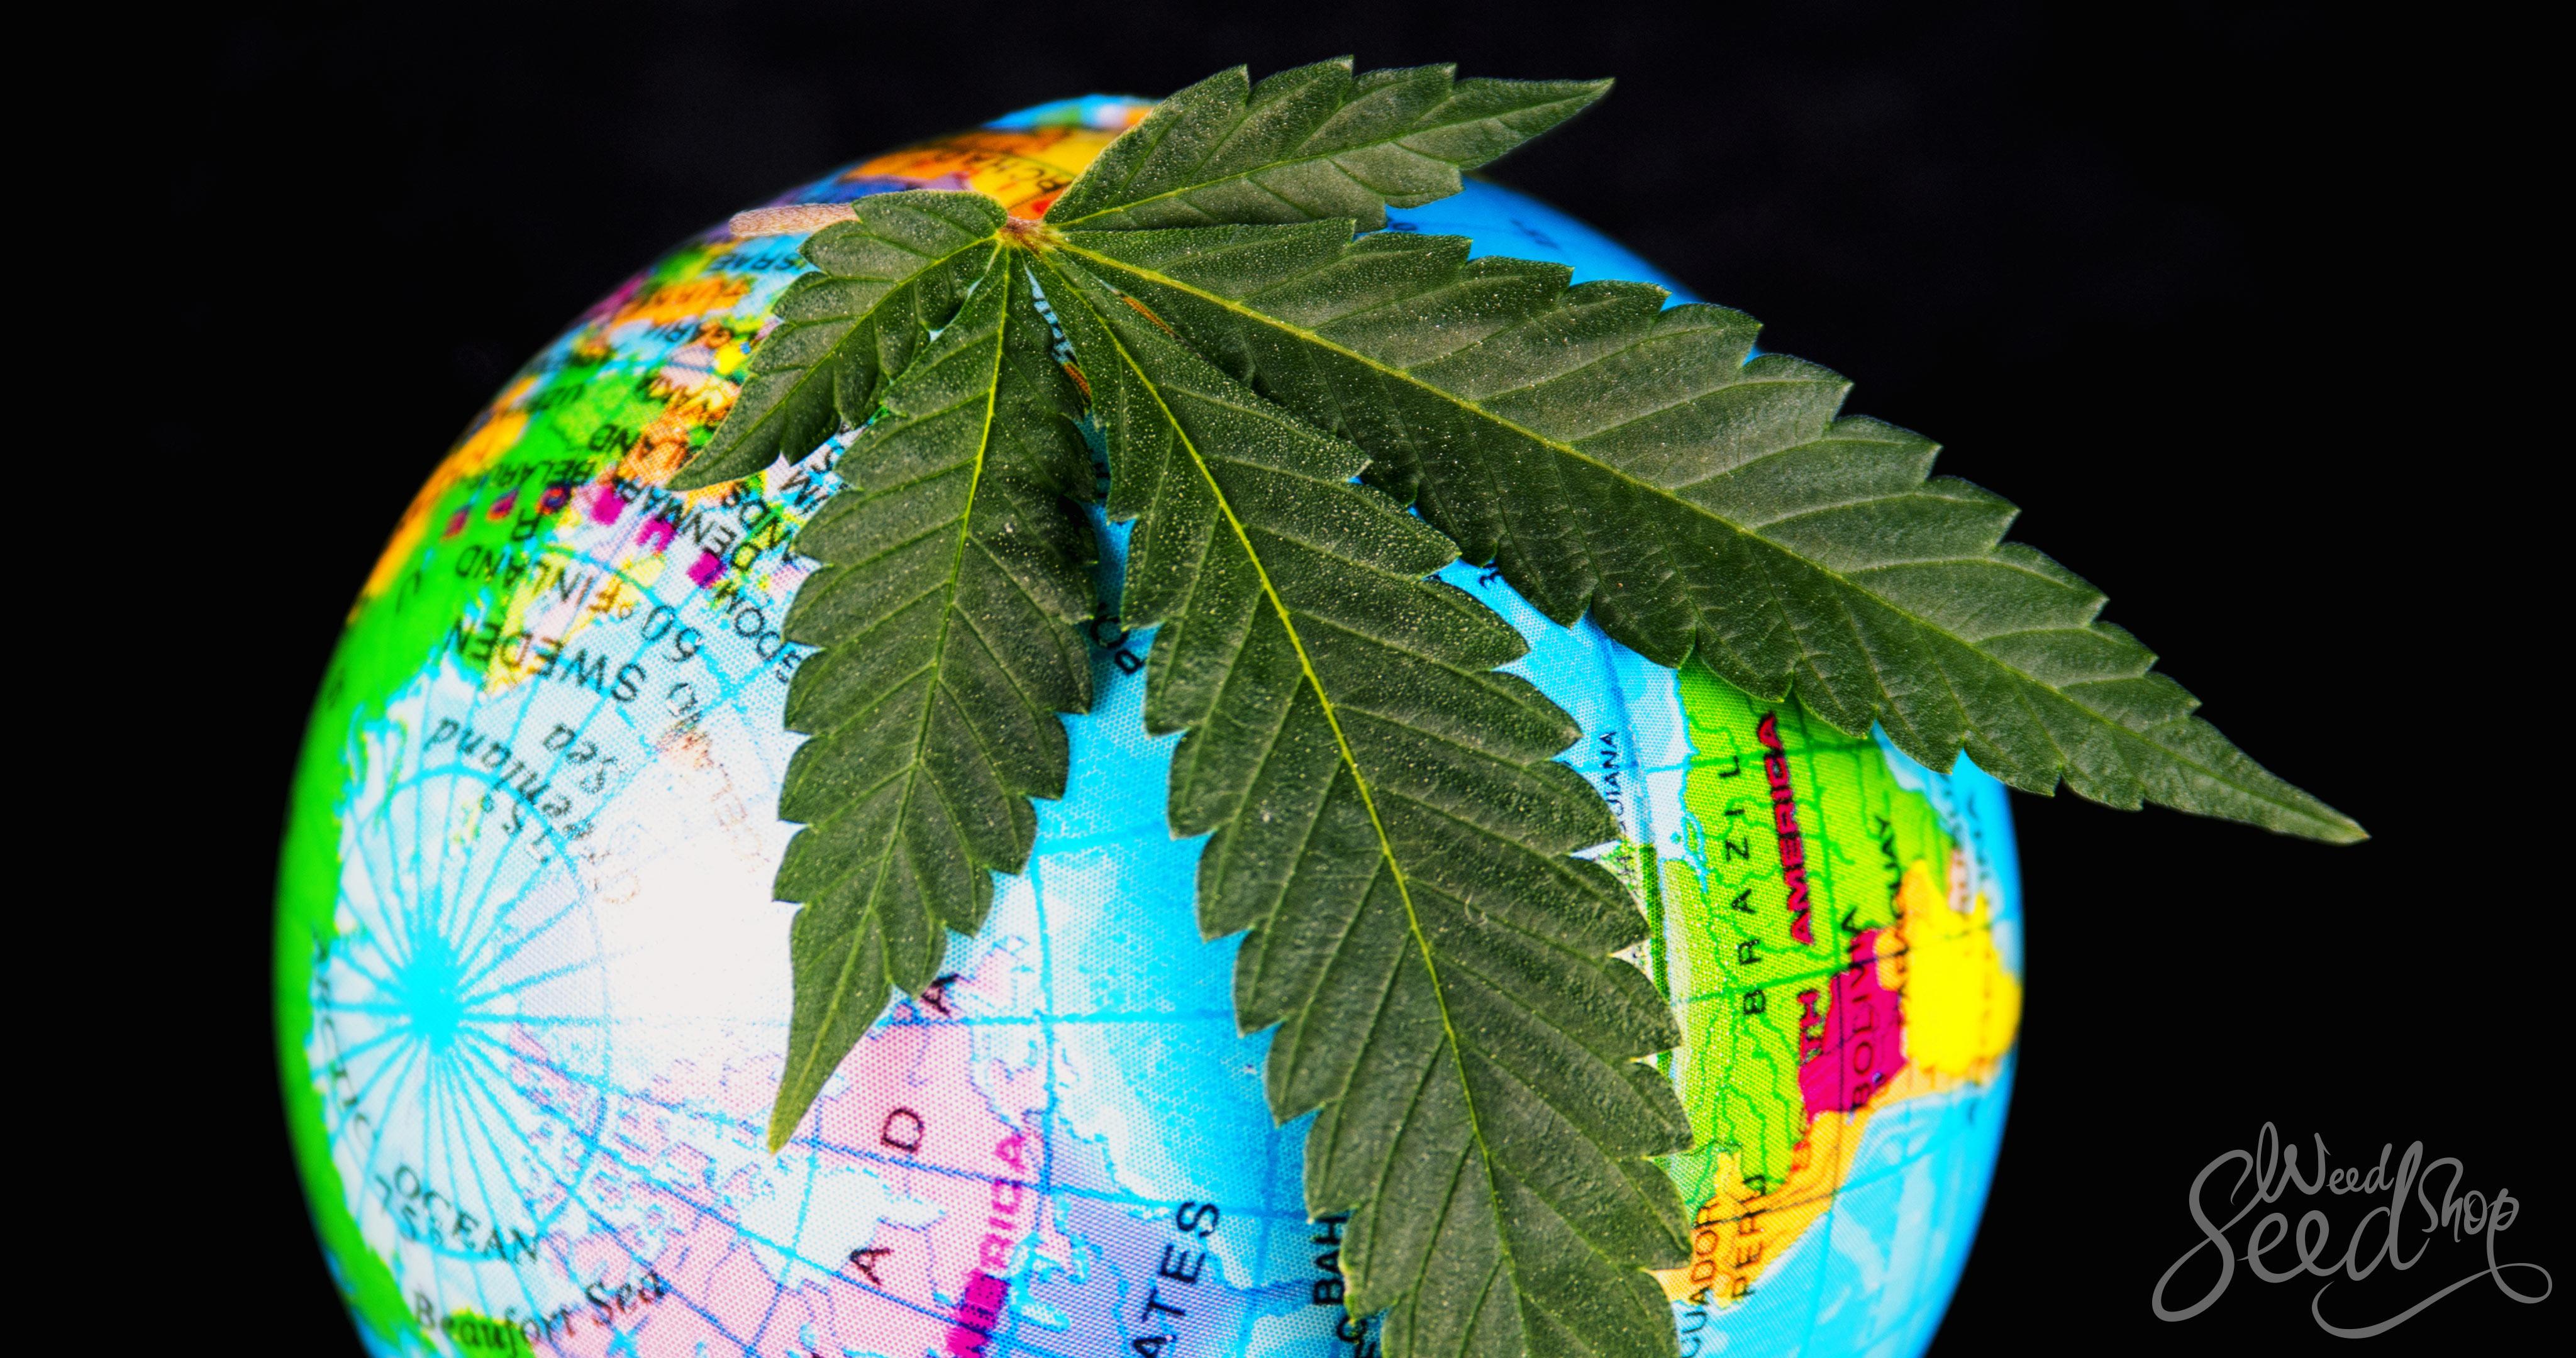 Ein Guide der weltweiten Weedkultur - WeedSeedShop